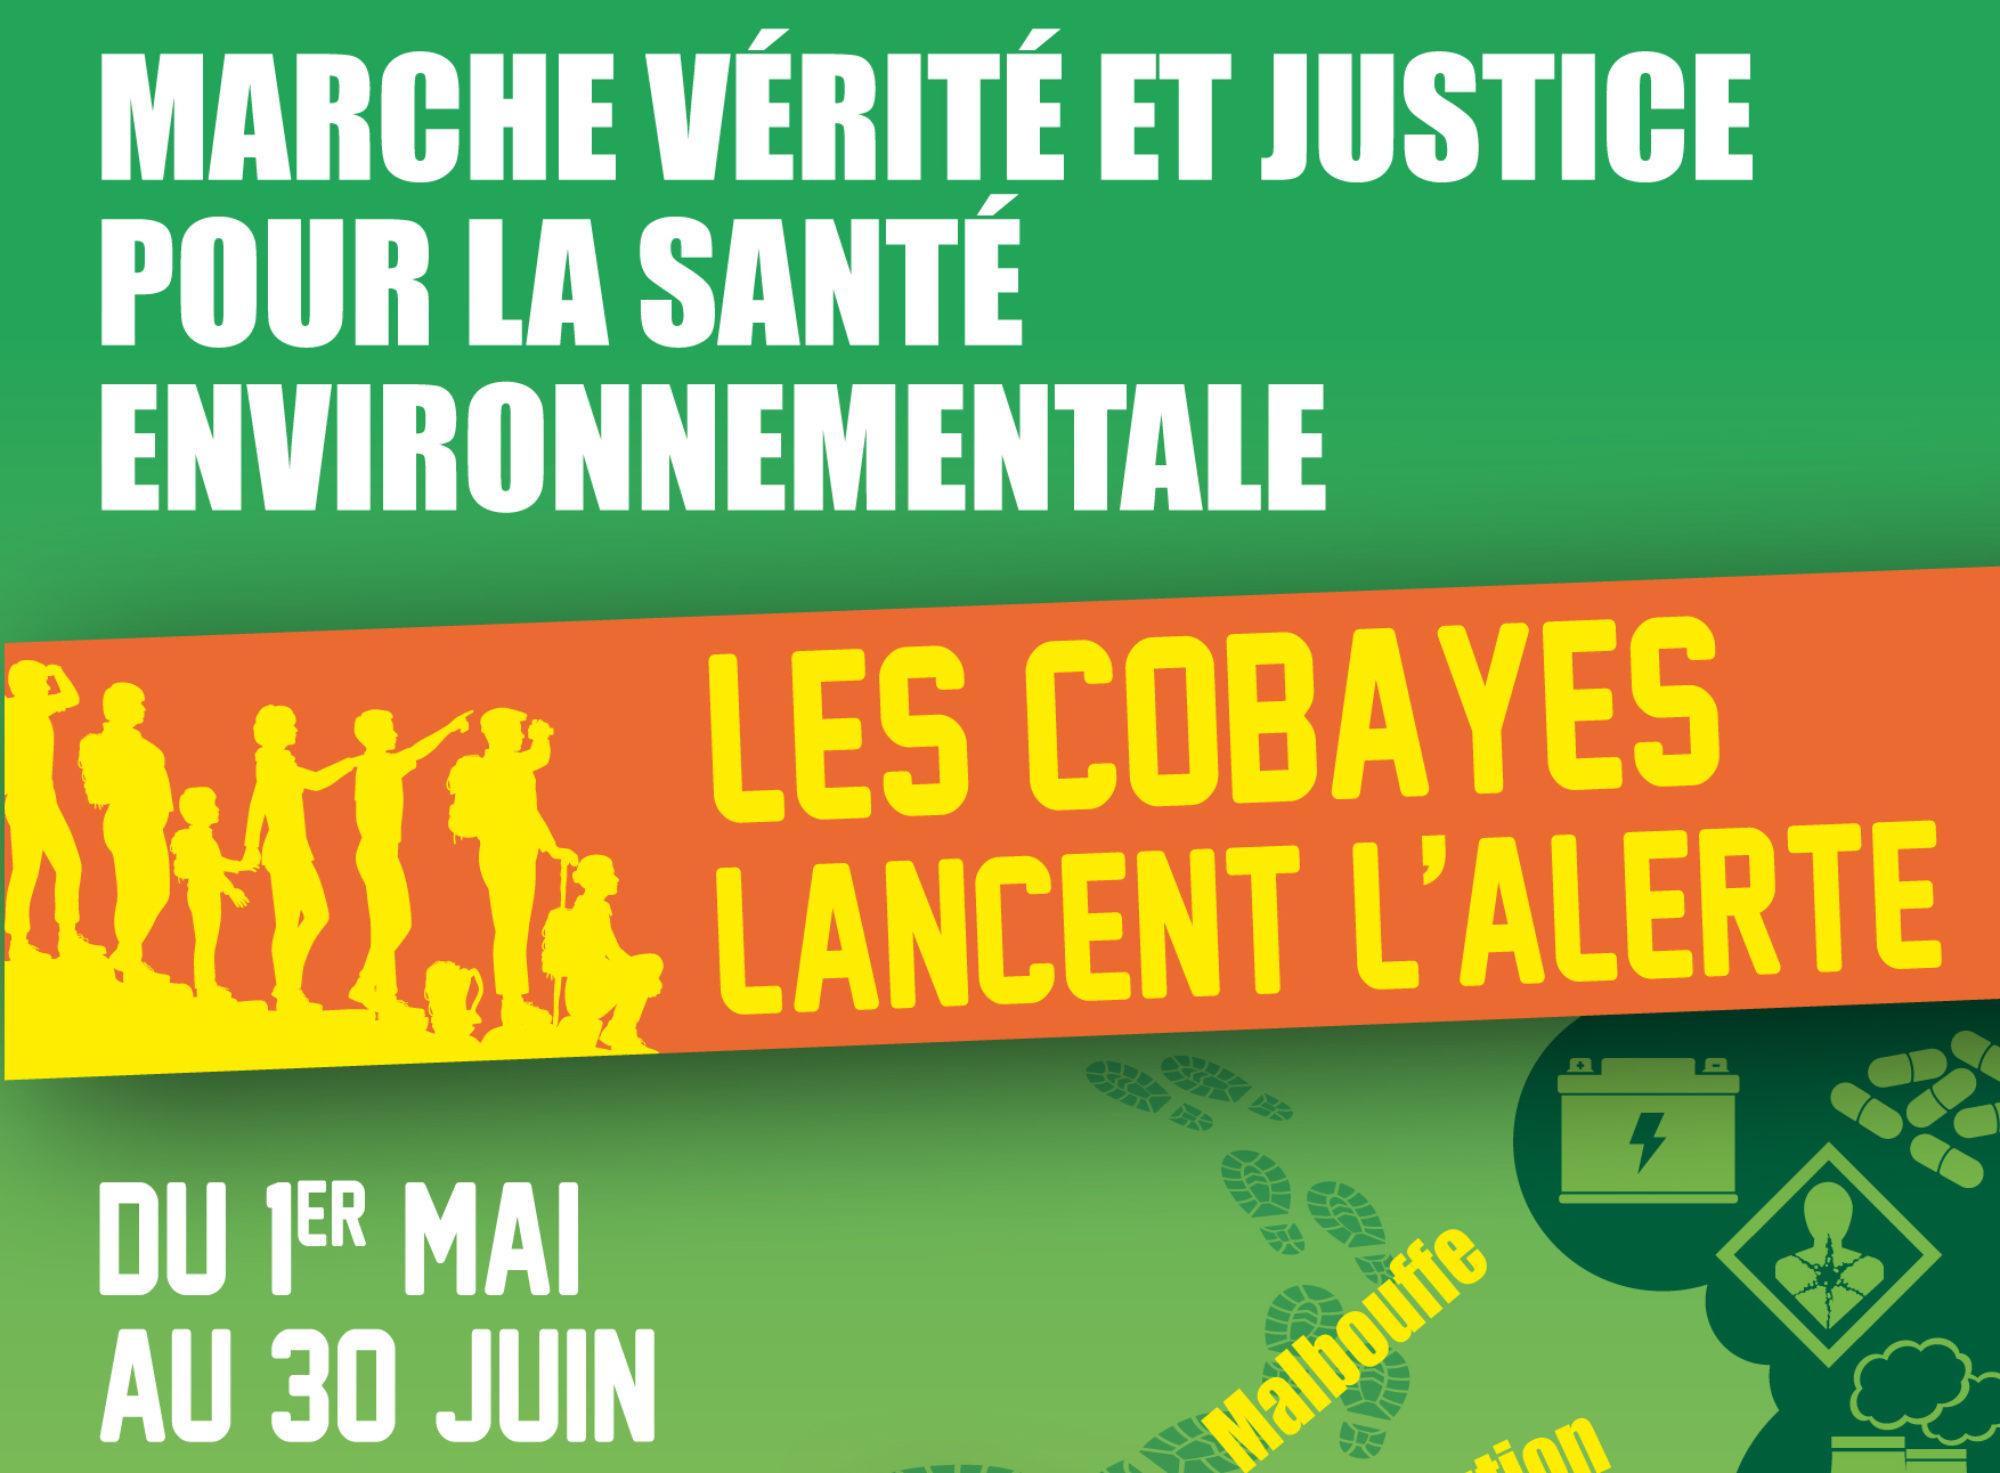 Écologie sociale appelle à la #MarchedesCobayes, une marche de l'écologie pour la santé environnementale avec des dizaines d'associations, des syndicats et plusieurs personnalités politiques @marchecobayes